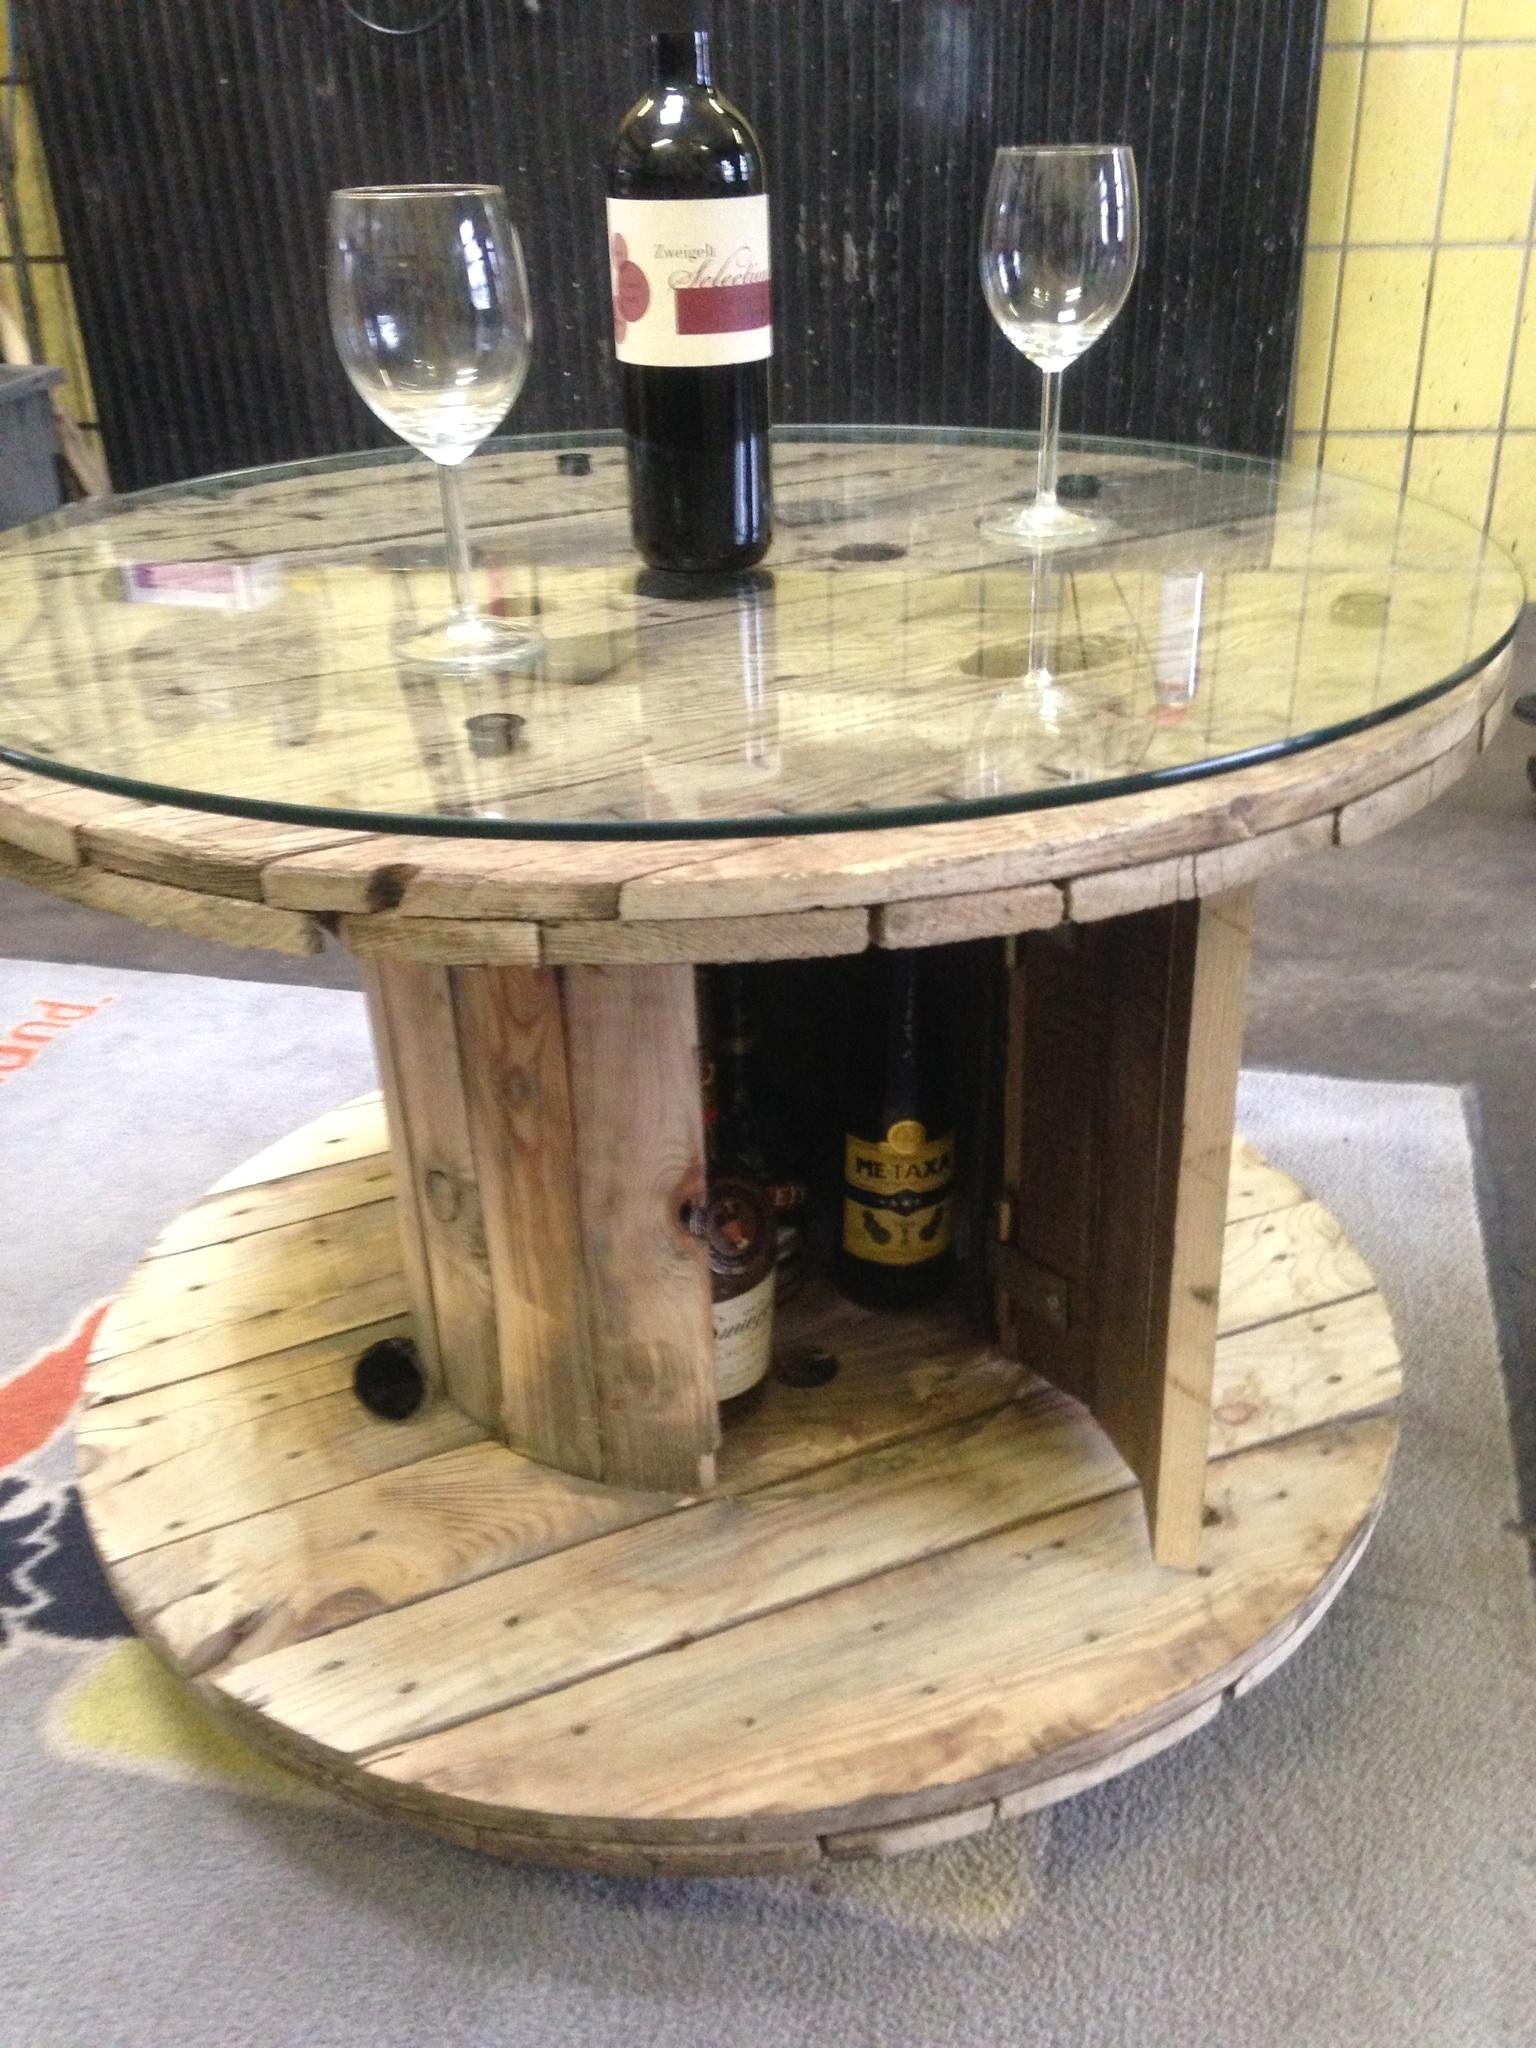 bilde av kabeltrommel tisch holz stuhle tische banke avec grilltisch aus paletten et 15 grilltisch aus paletten sur la cat gorie home deko ideen